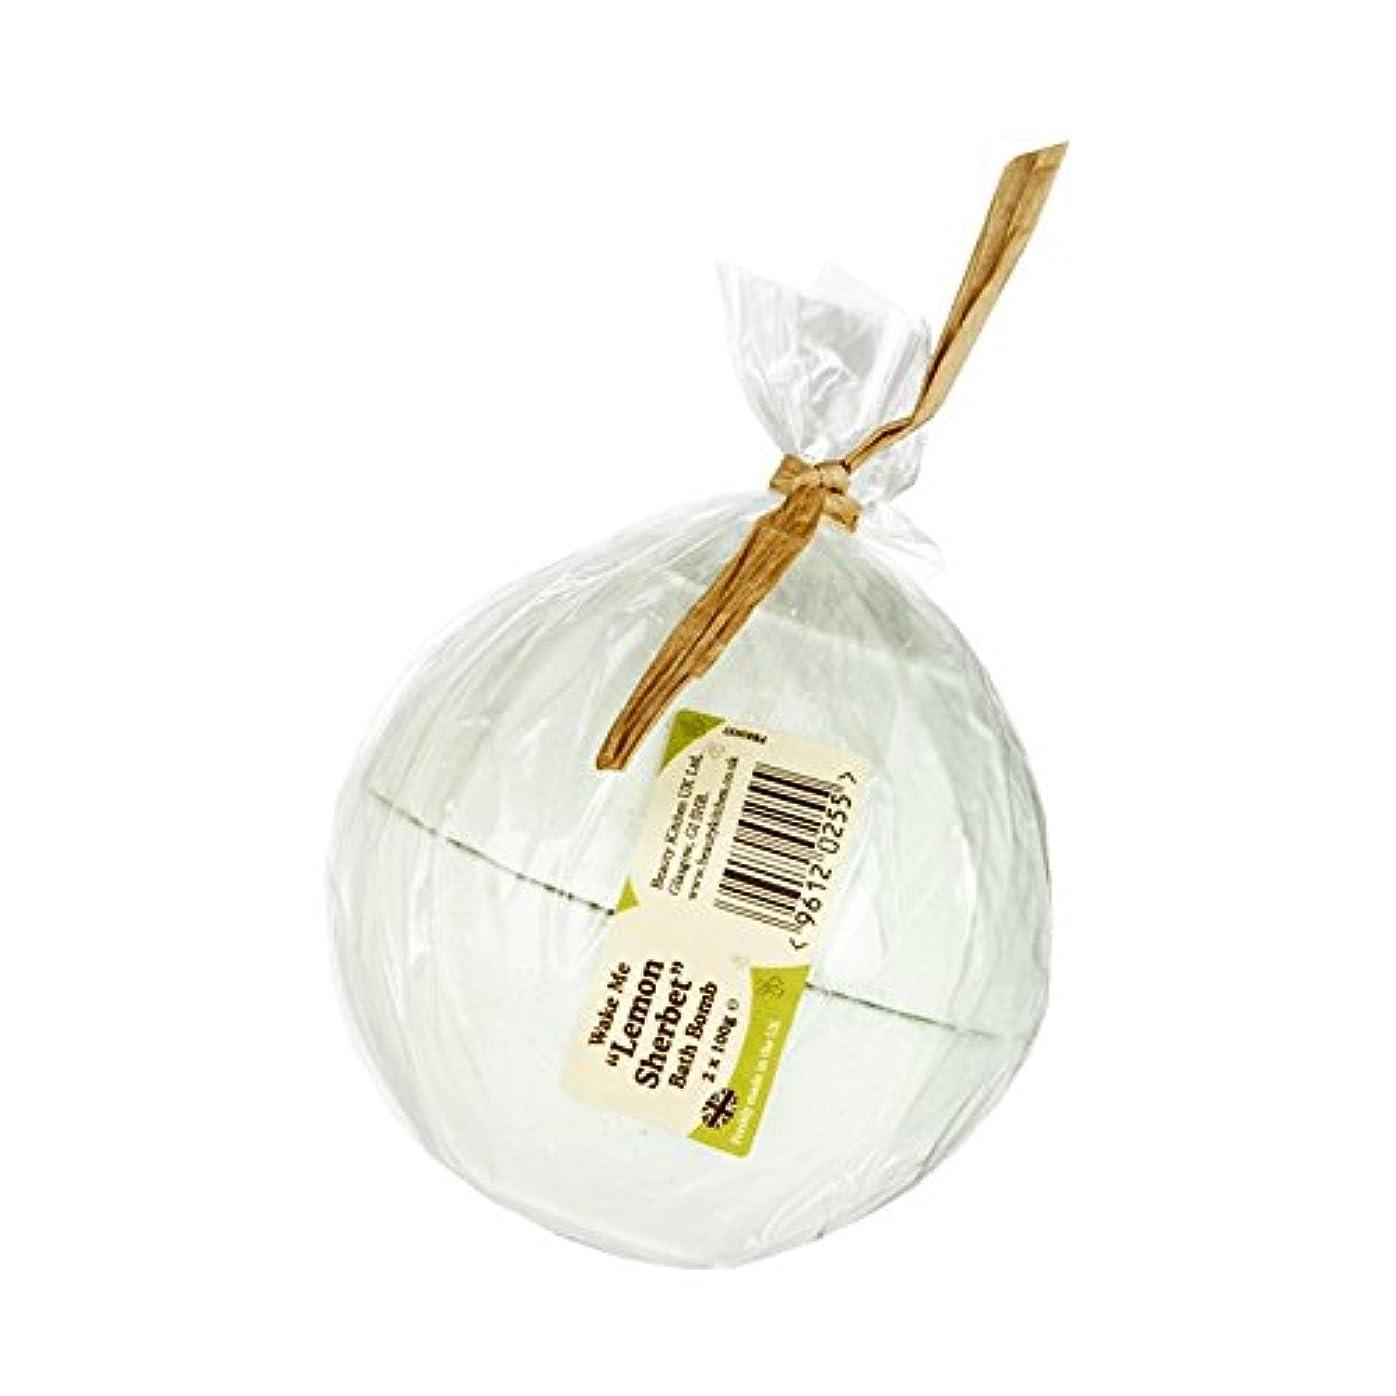 素朴なトリップ断言するBeauty Kitchen Wake Me Lemon Sherbet Bath Bomb 2 x 100g (Pack of 2) - 美しさのキッチンは私にレモンシャーベットバス爆弾2×100グラムを覚まします (...